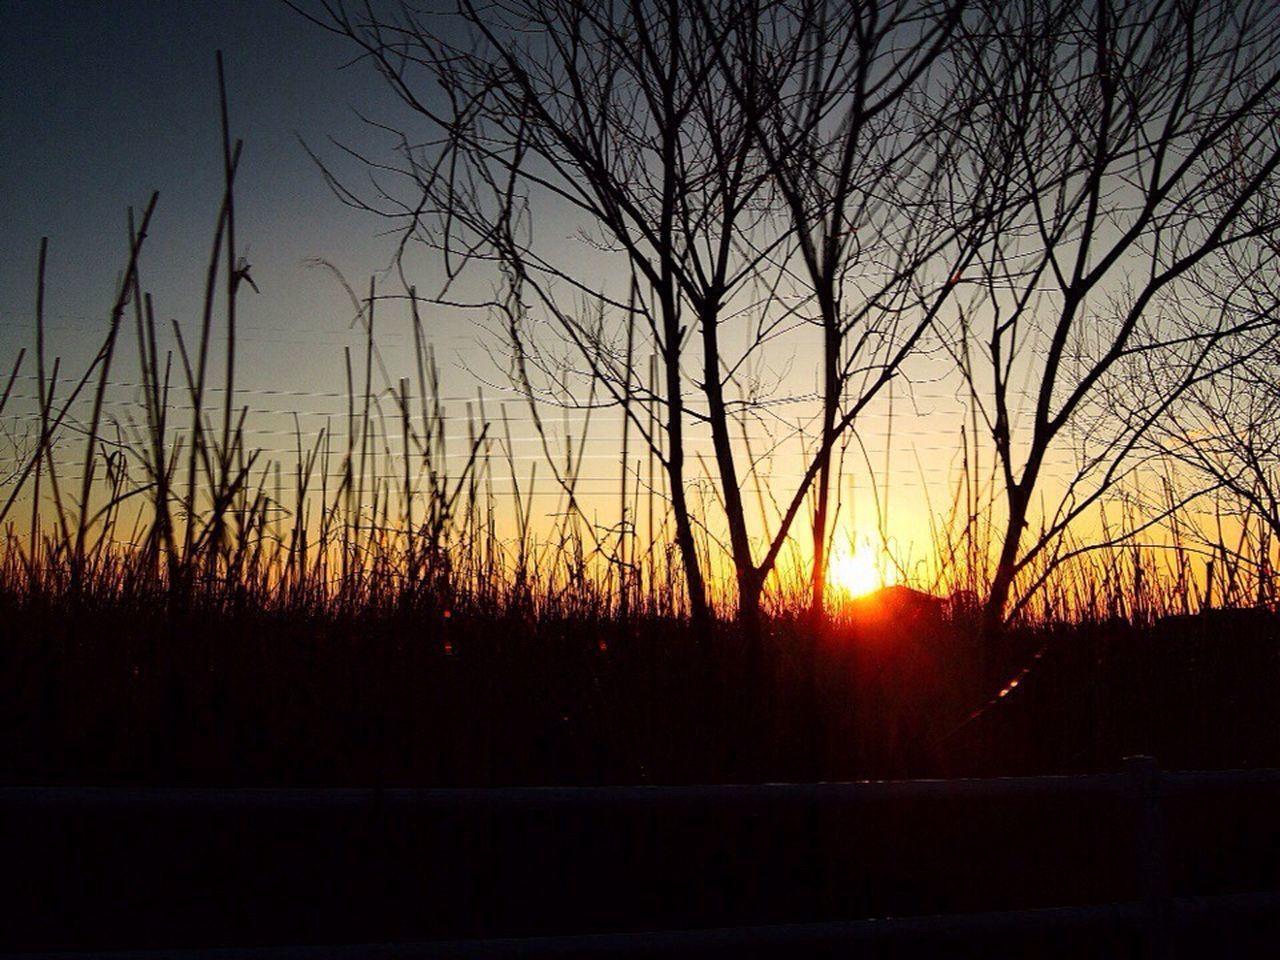 おつかれさま。 夕暮れ時 おつかれさま Twilight Sunset Afterglow